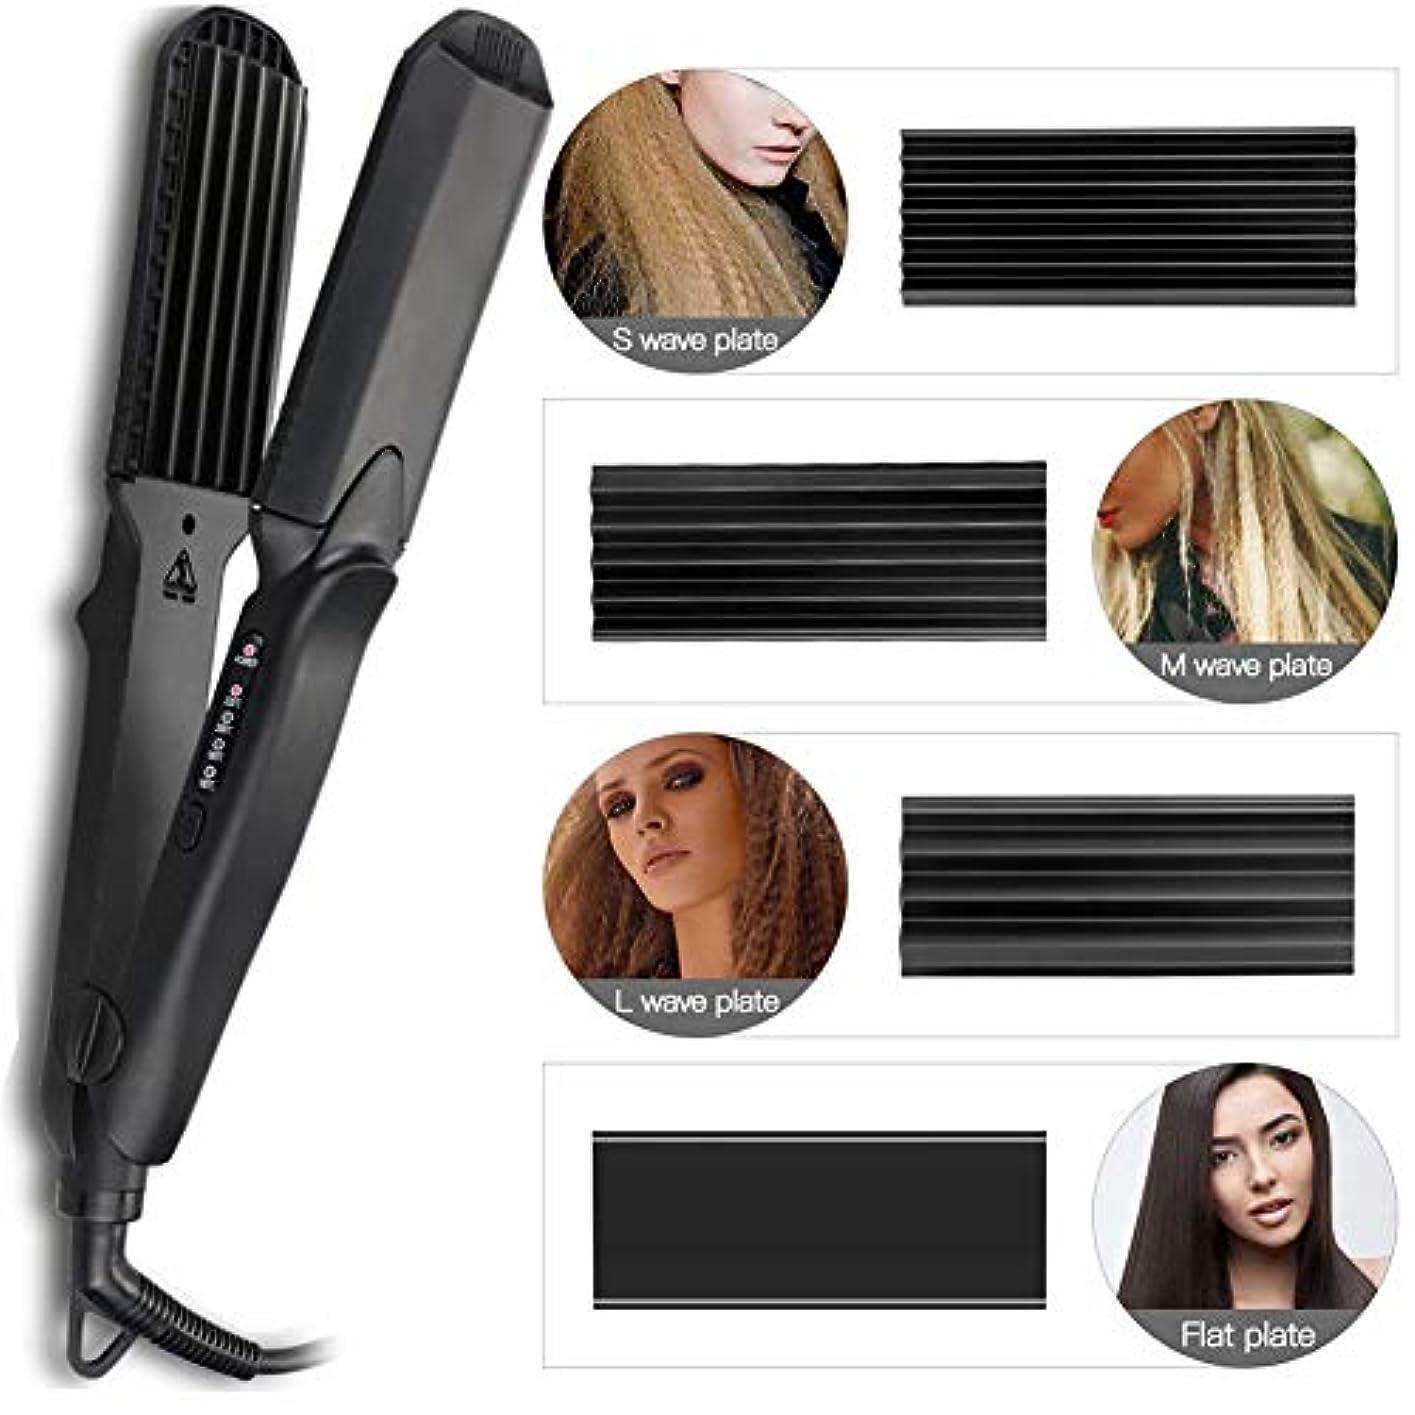 テレビを見る内向き決めますストレートヘアアイロン - セラミックストレートヘアアイロンフォーインワン交換プレートストレートヘアストレートニングデュアルユースデュアル電圧温度調節可能